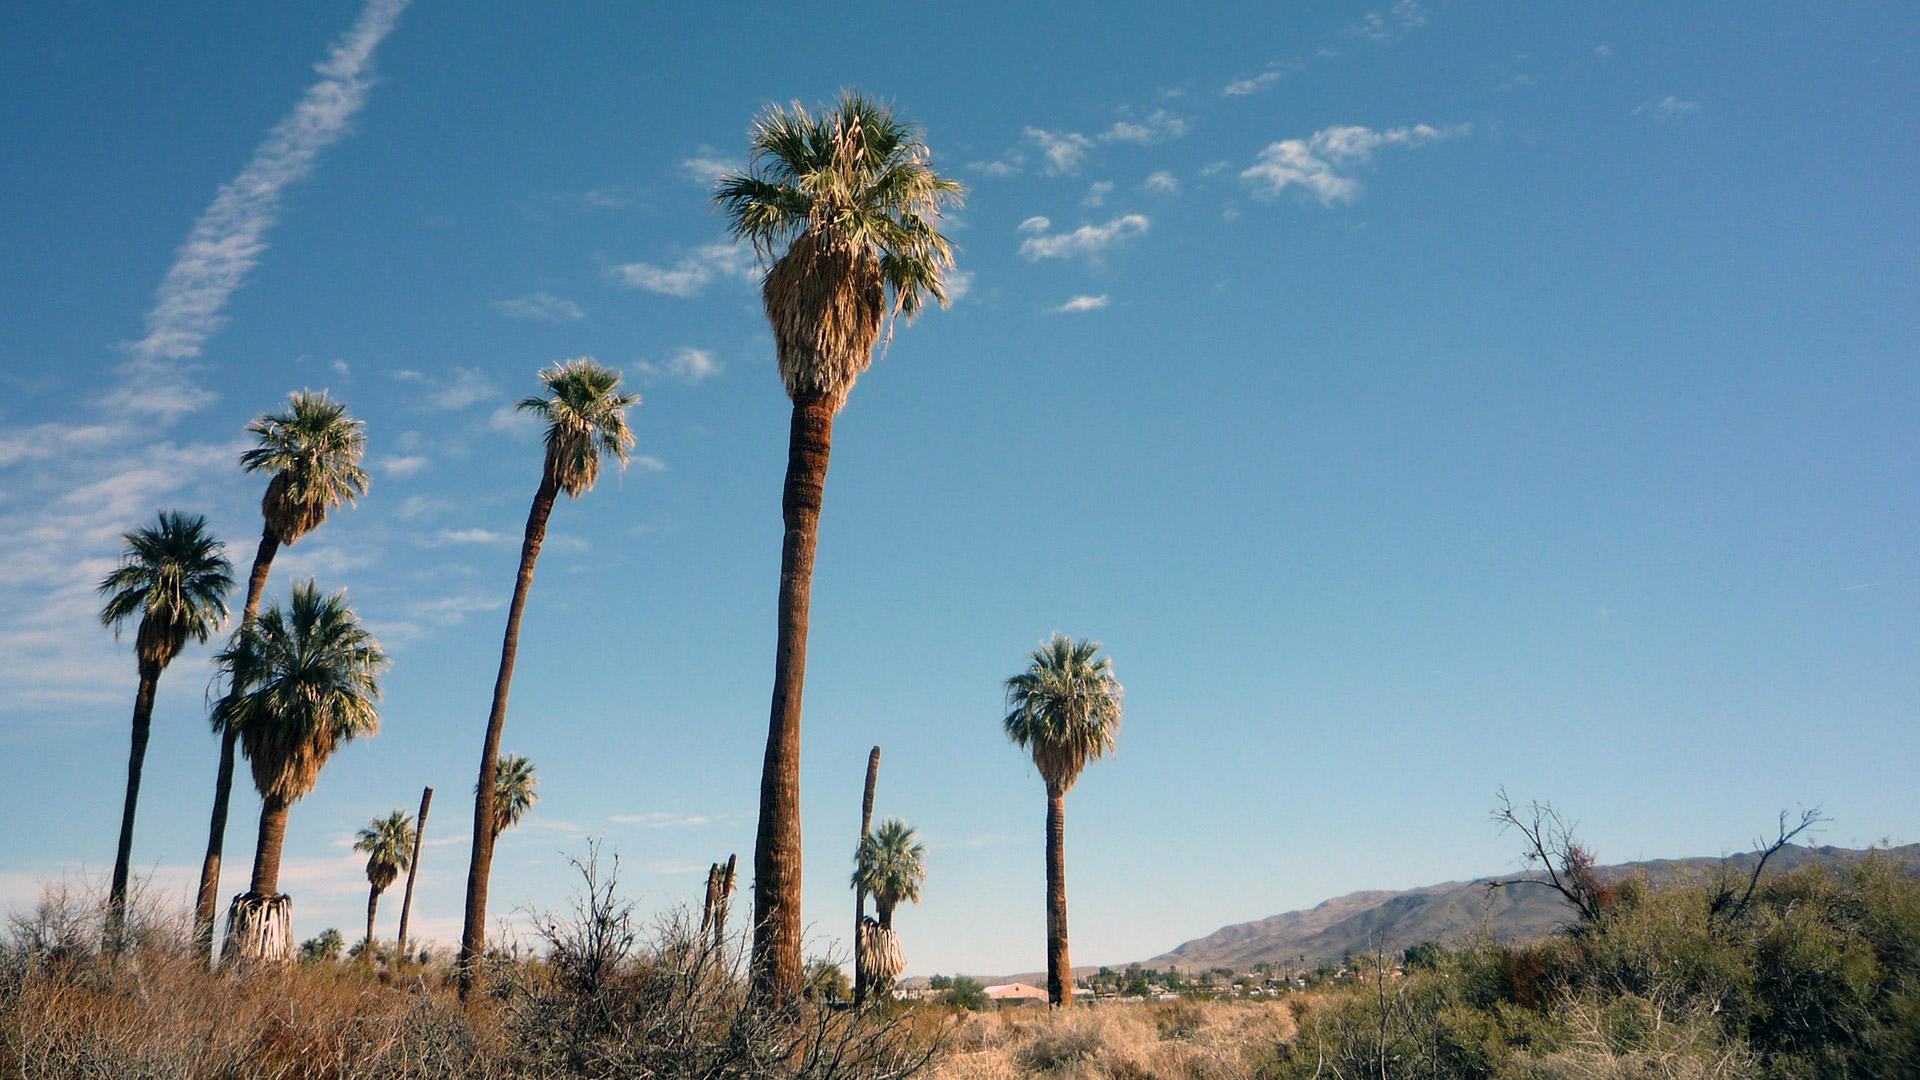 Palm trees at Oasis of Mara